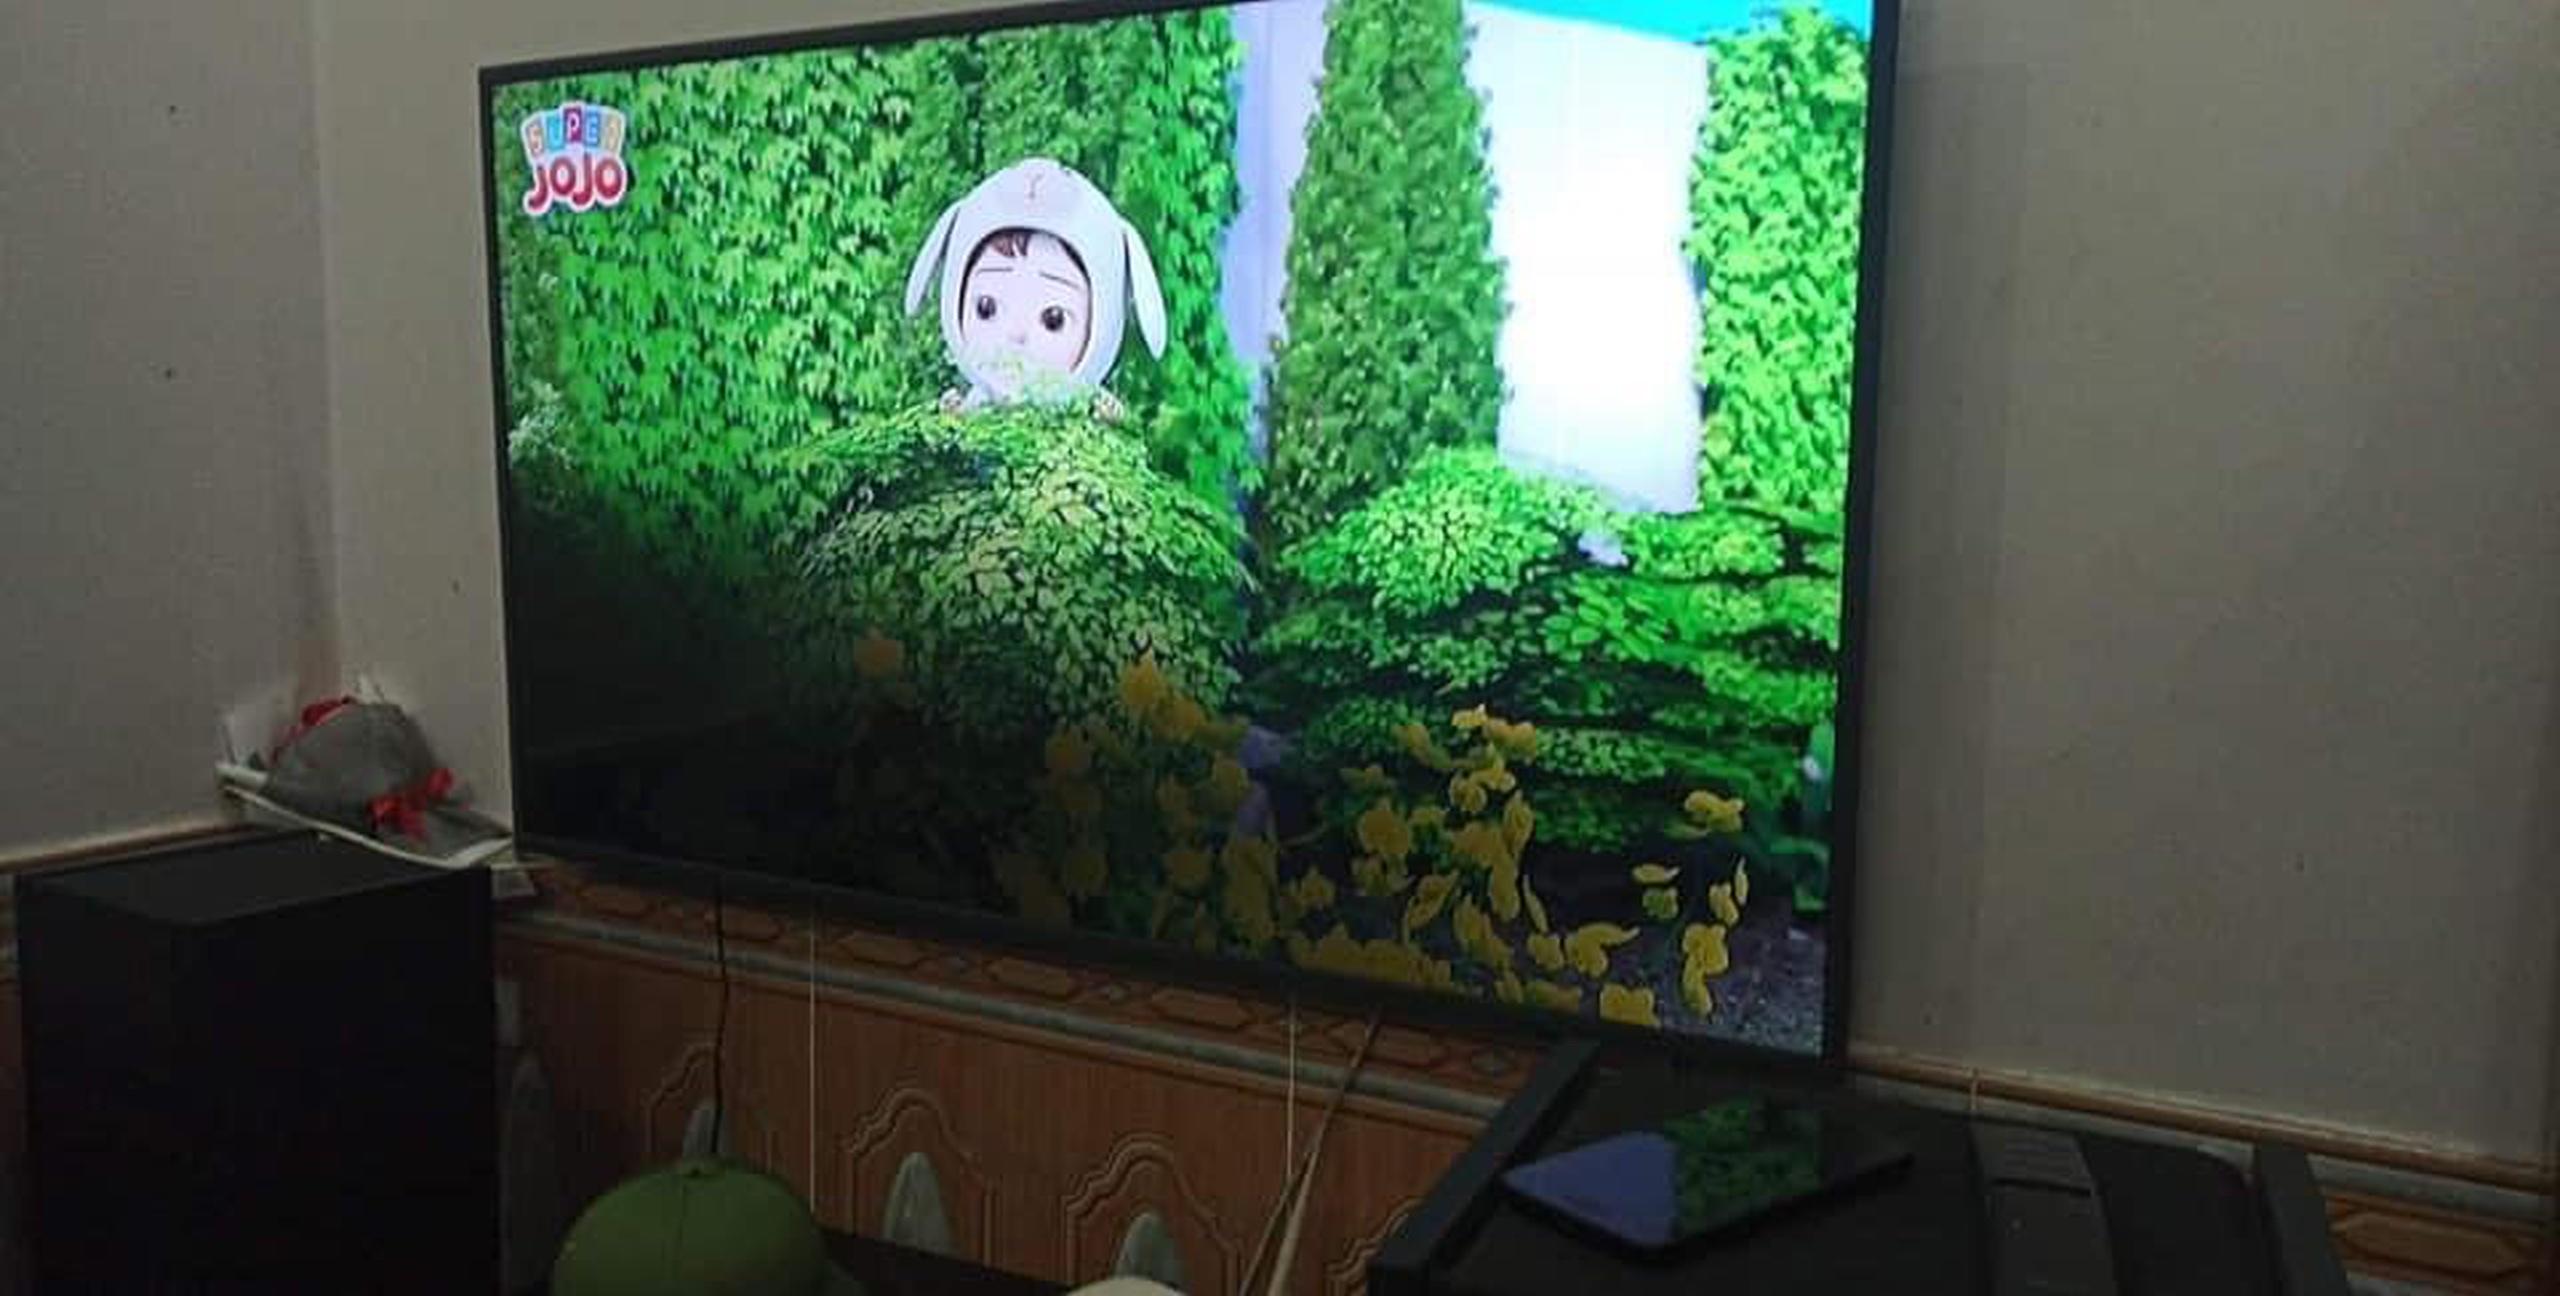 Dịch Vụ Sửa Tivi Tại Nhà Tp Thủ Đức Giá Rẻ